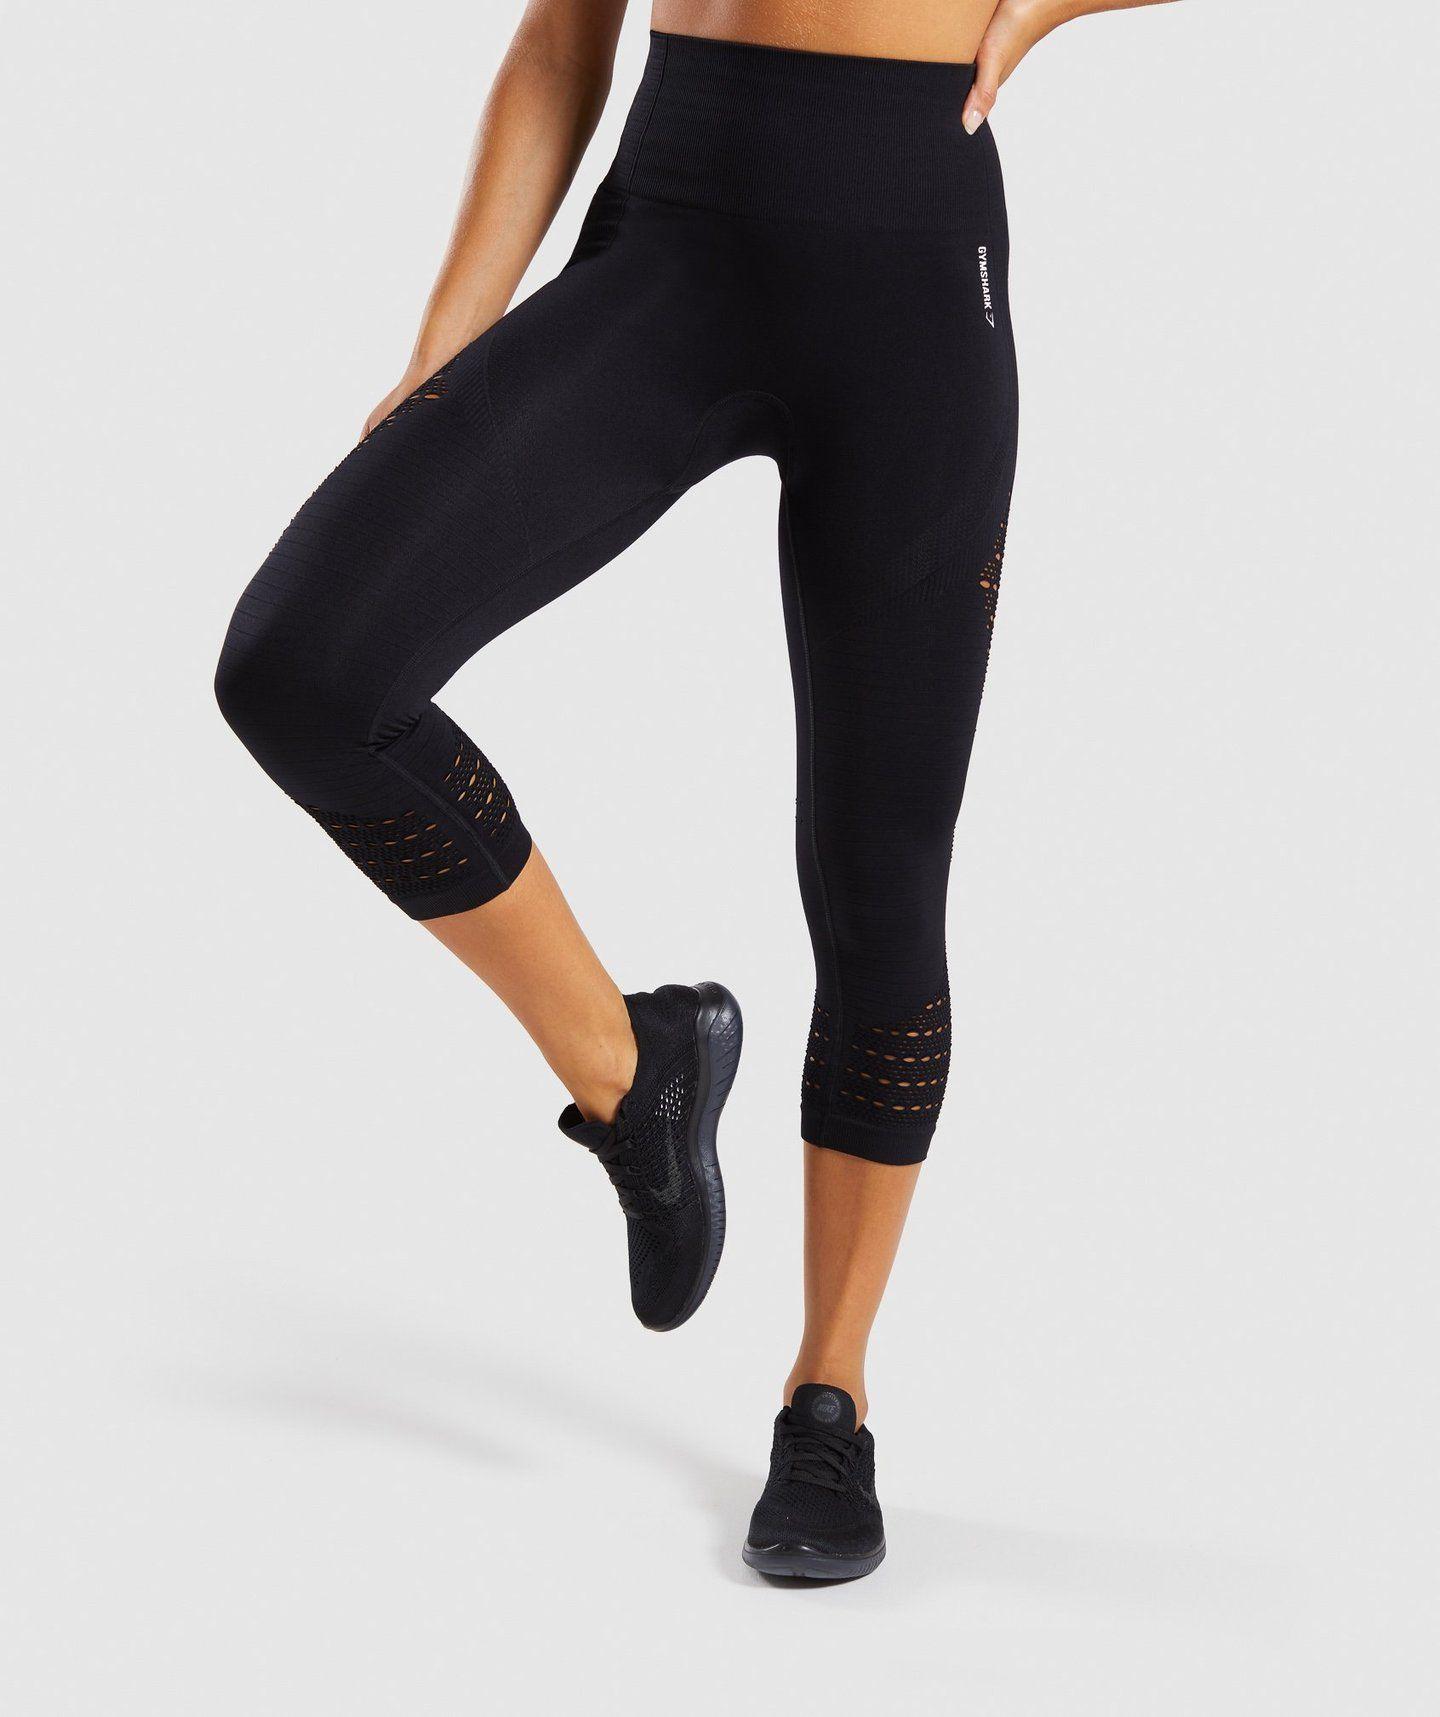 8d5b2b0368dce Gymshark Energy+ Seamless Cropped Leggings - Black in 2019 | Capsule ...